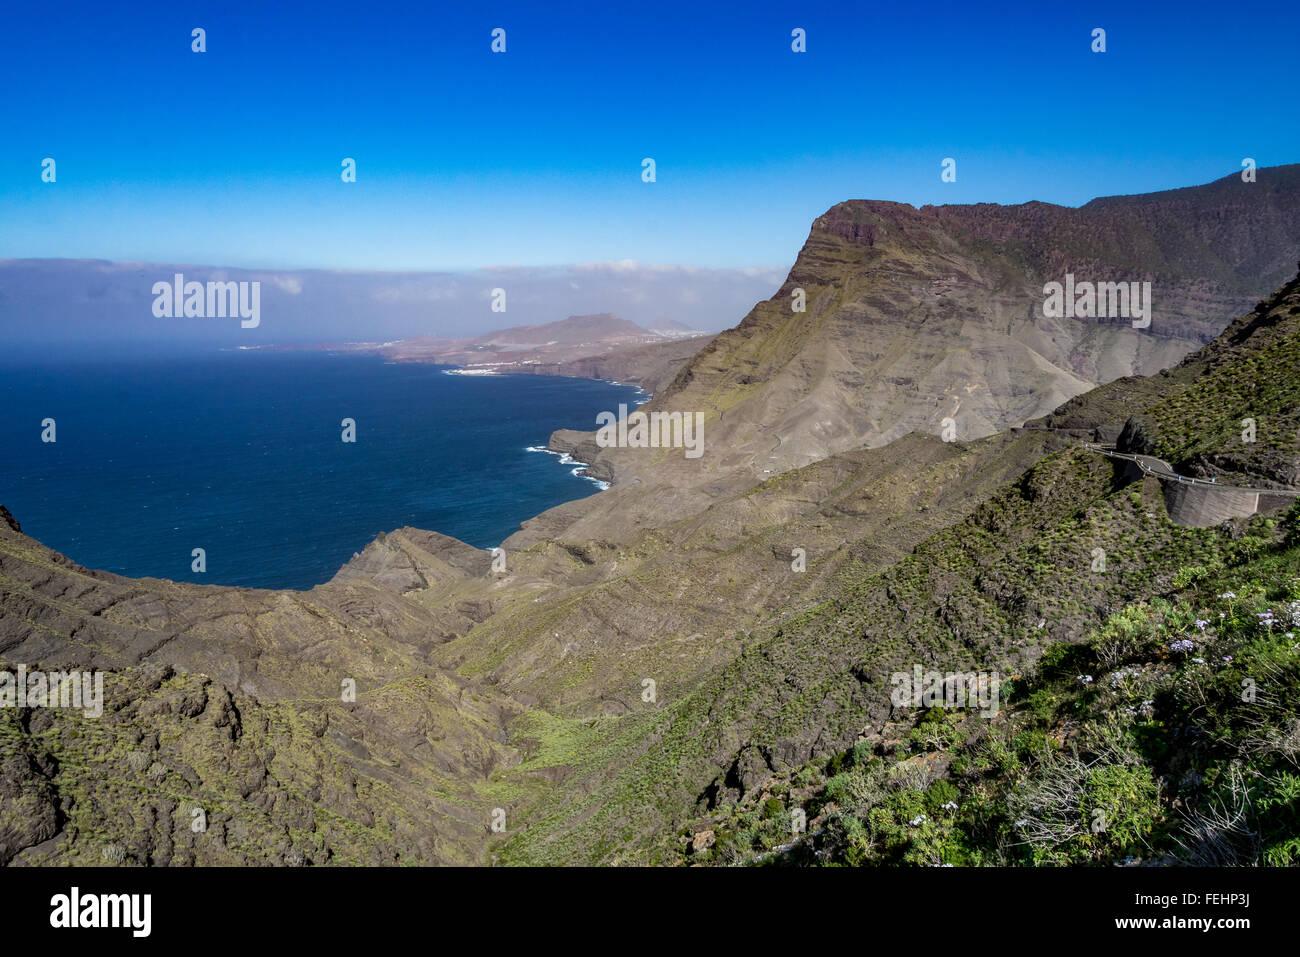 Schöner Panoramablick auf Gran Canaria (Gran Canaria) Küste Landschaft, Spanien Stockbild